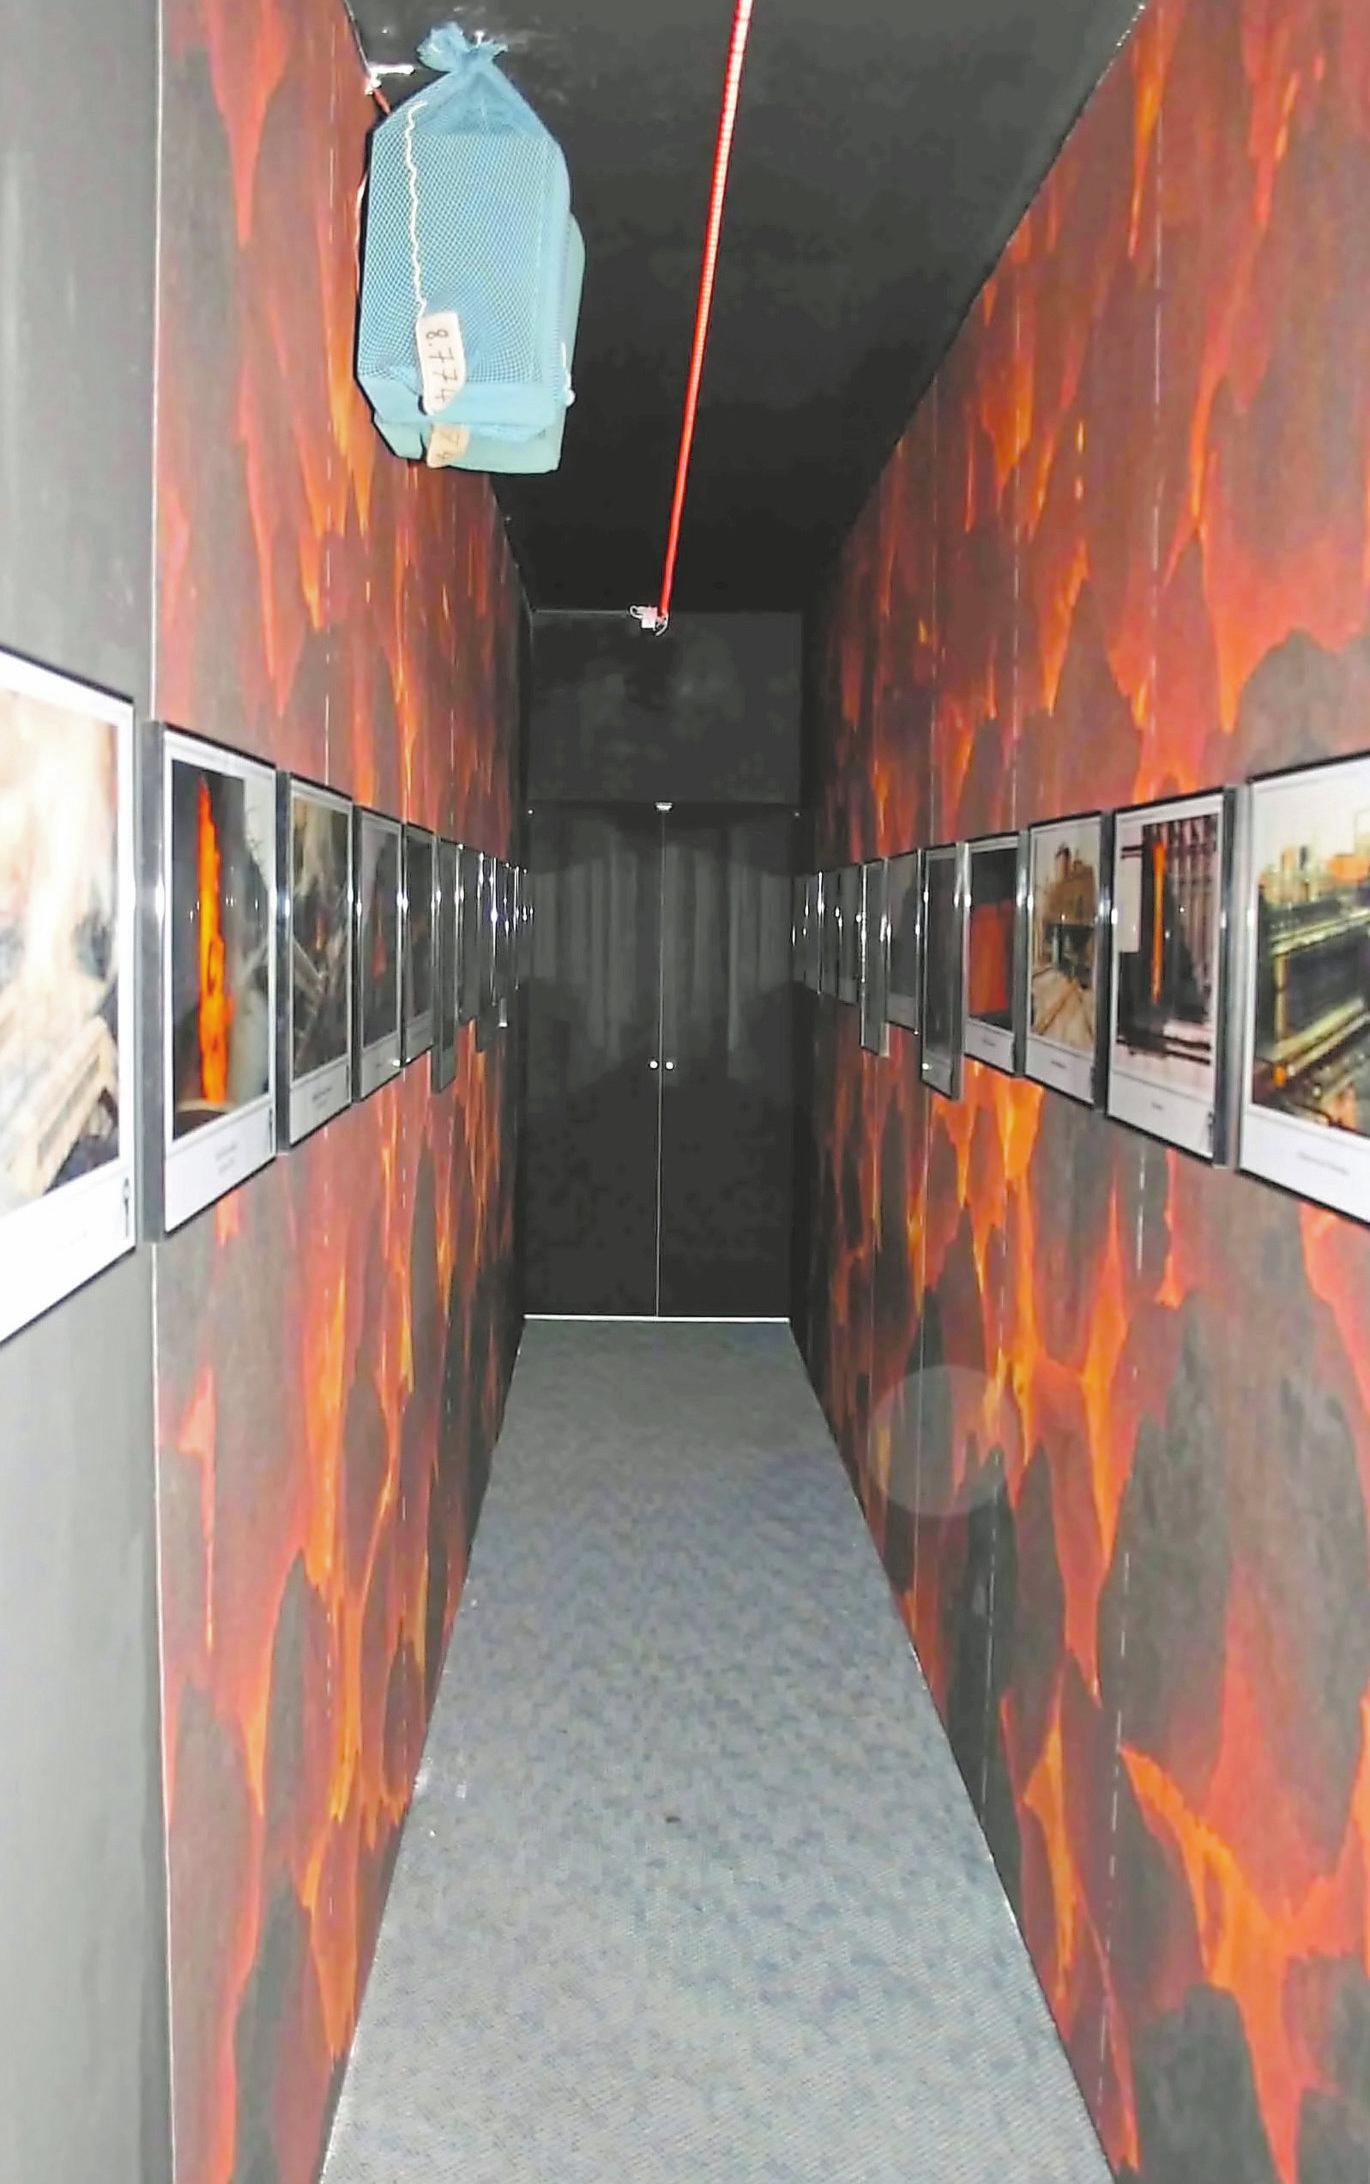 Der Mittelgang der Ausstellung ist dem Inneren eines Kokereiofens nachempfunden.